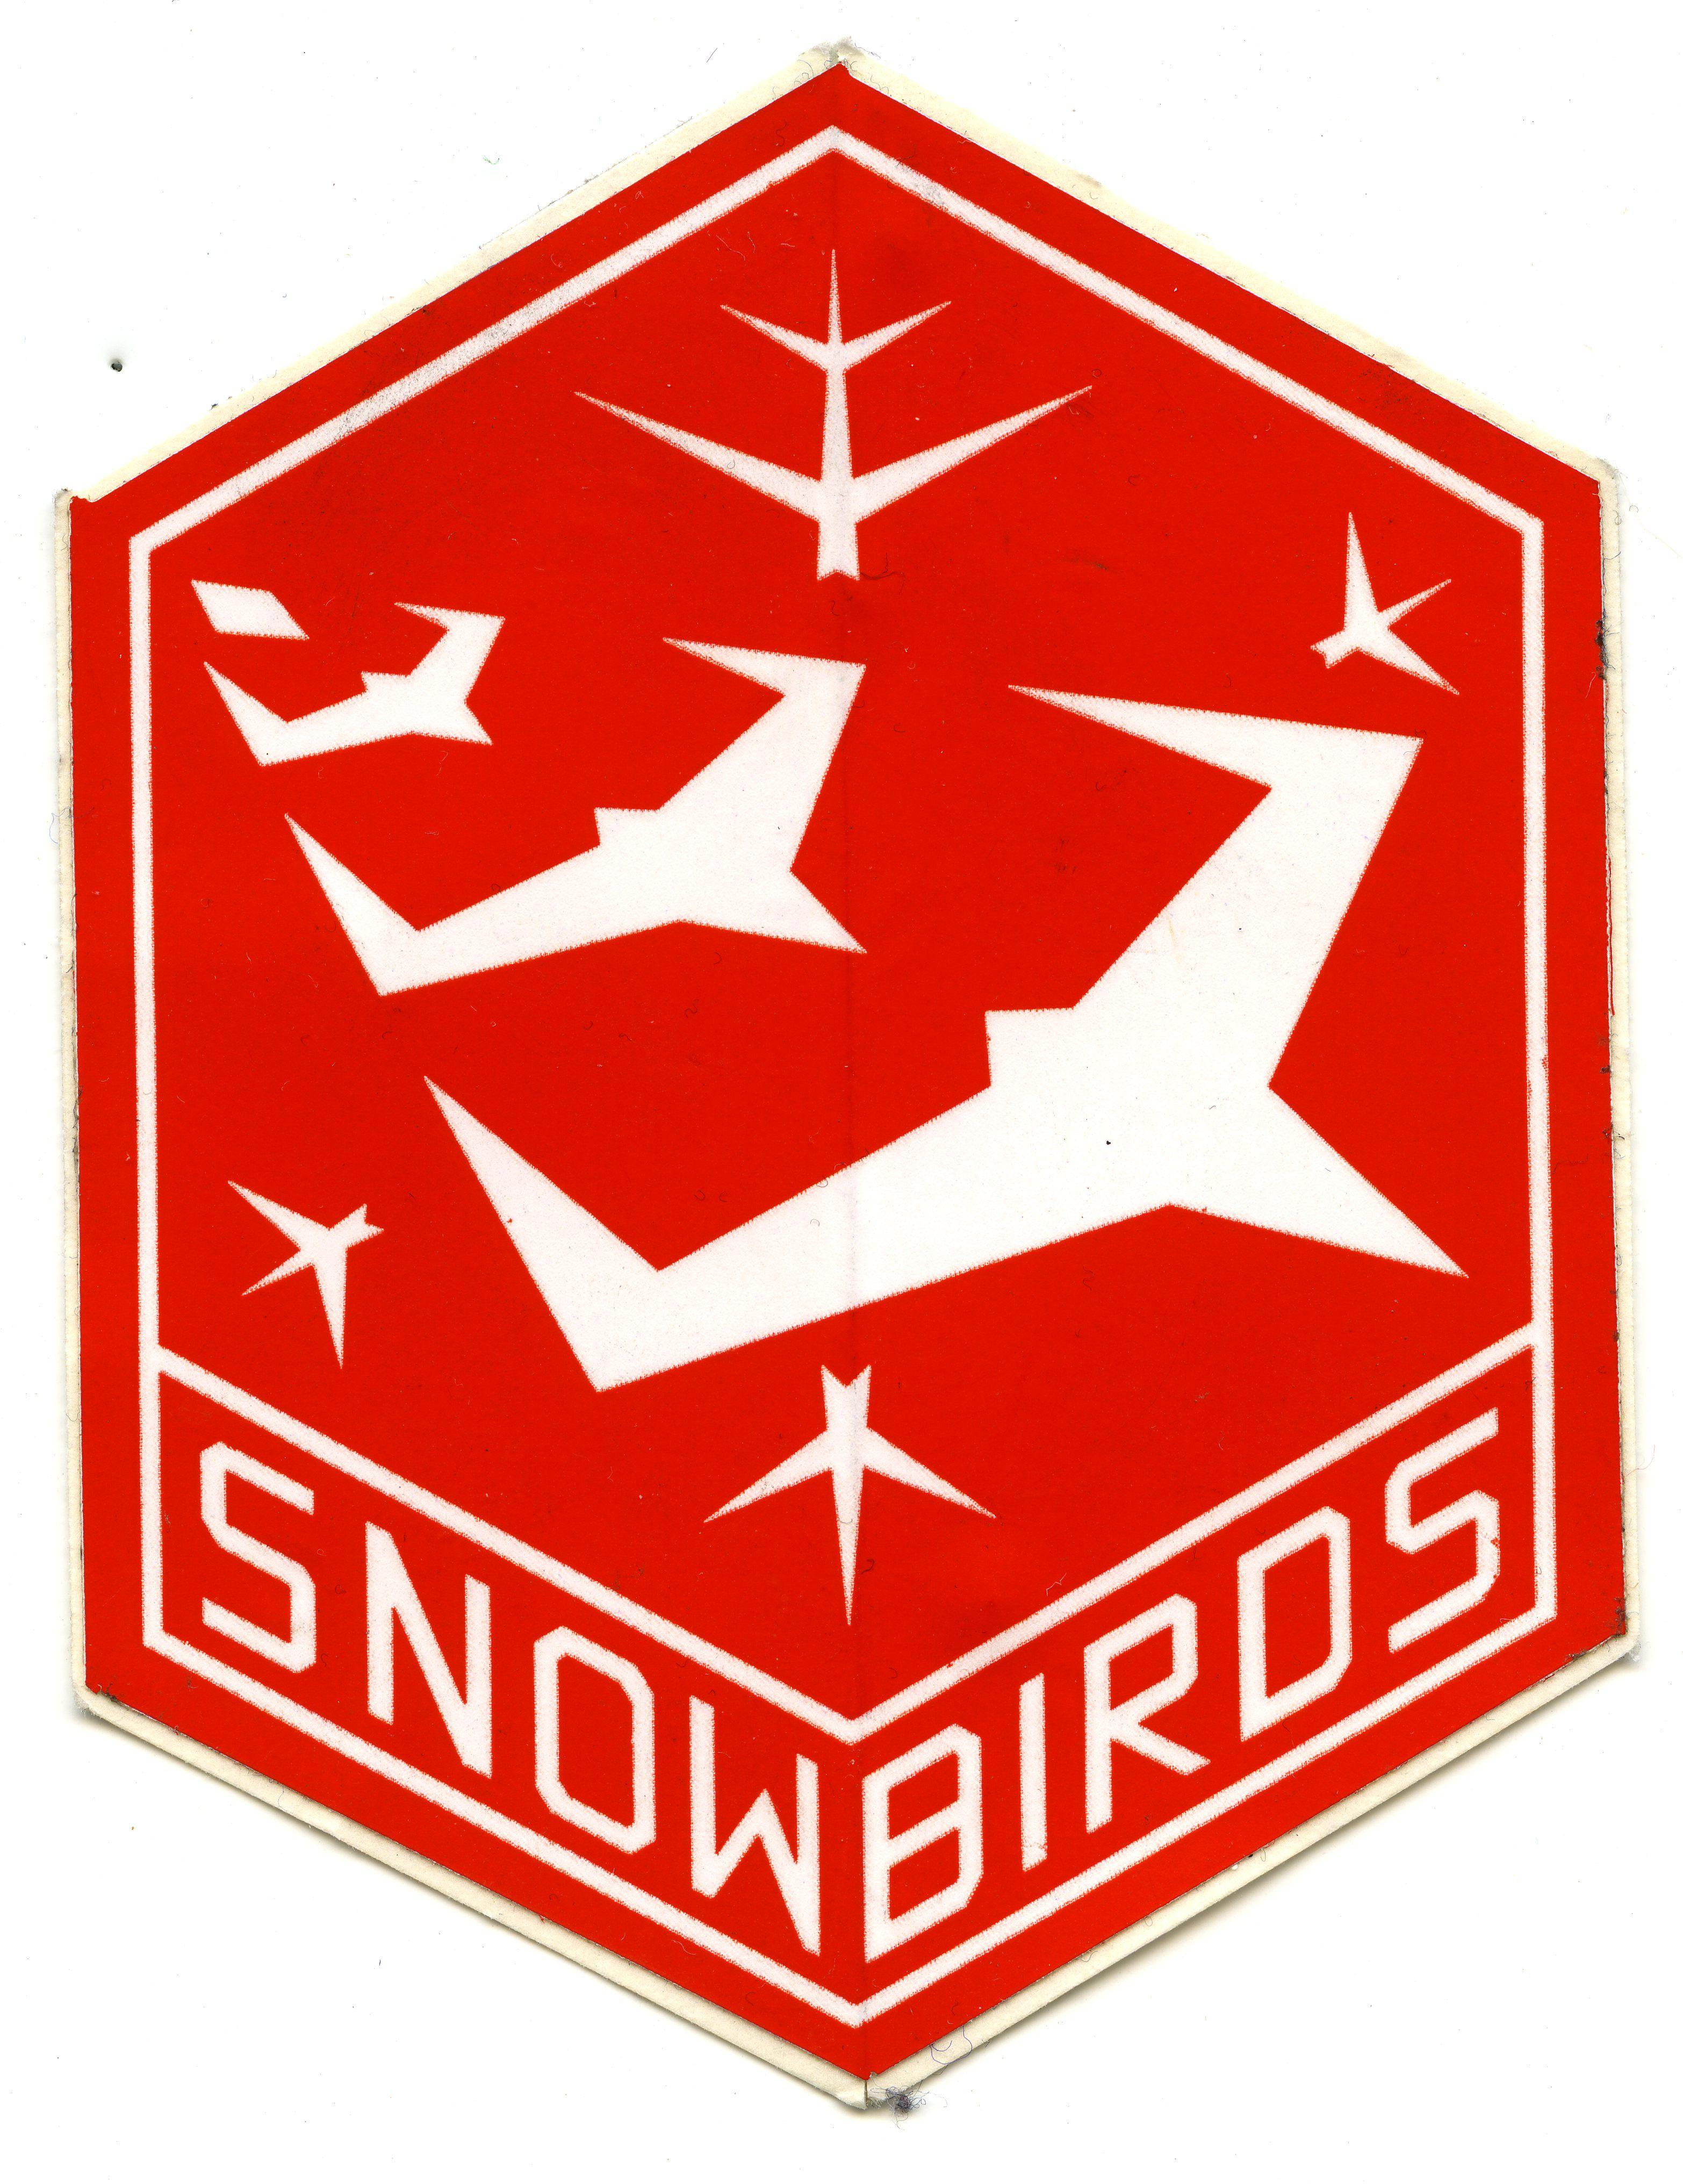 Snowbirds Sticker Insignia, Air show, Air force